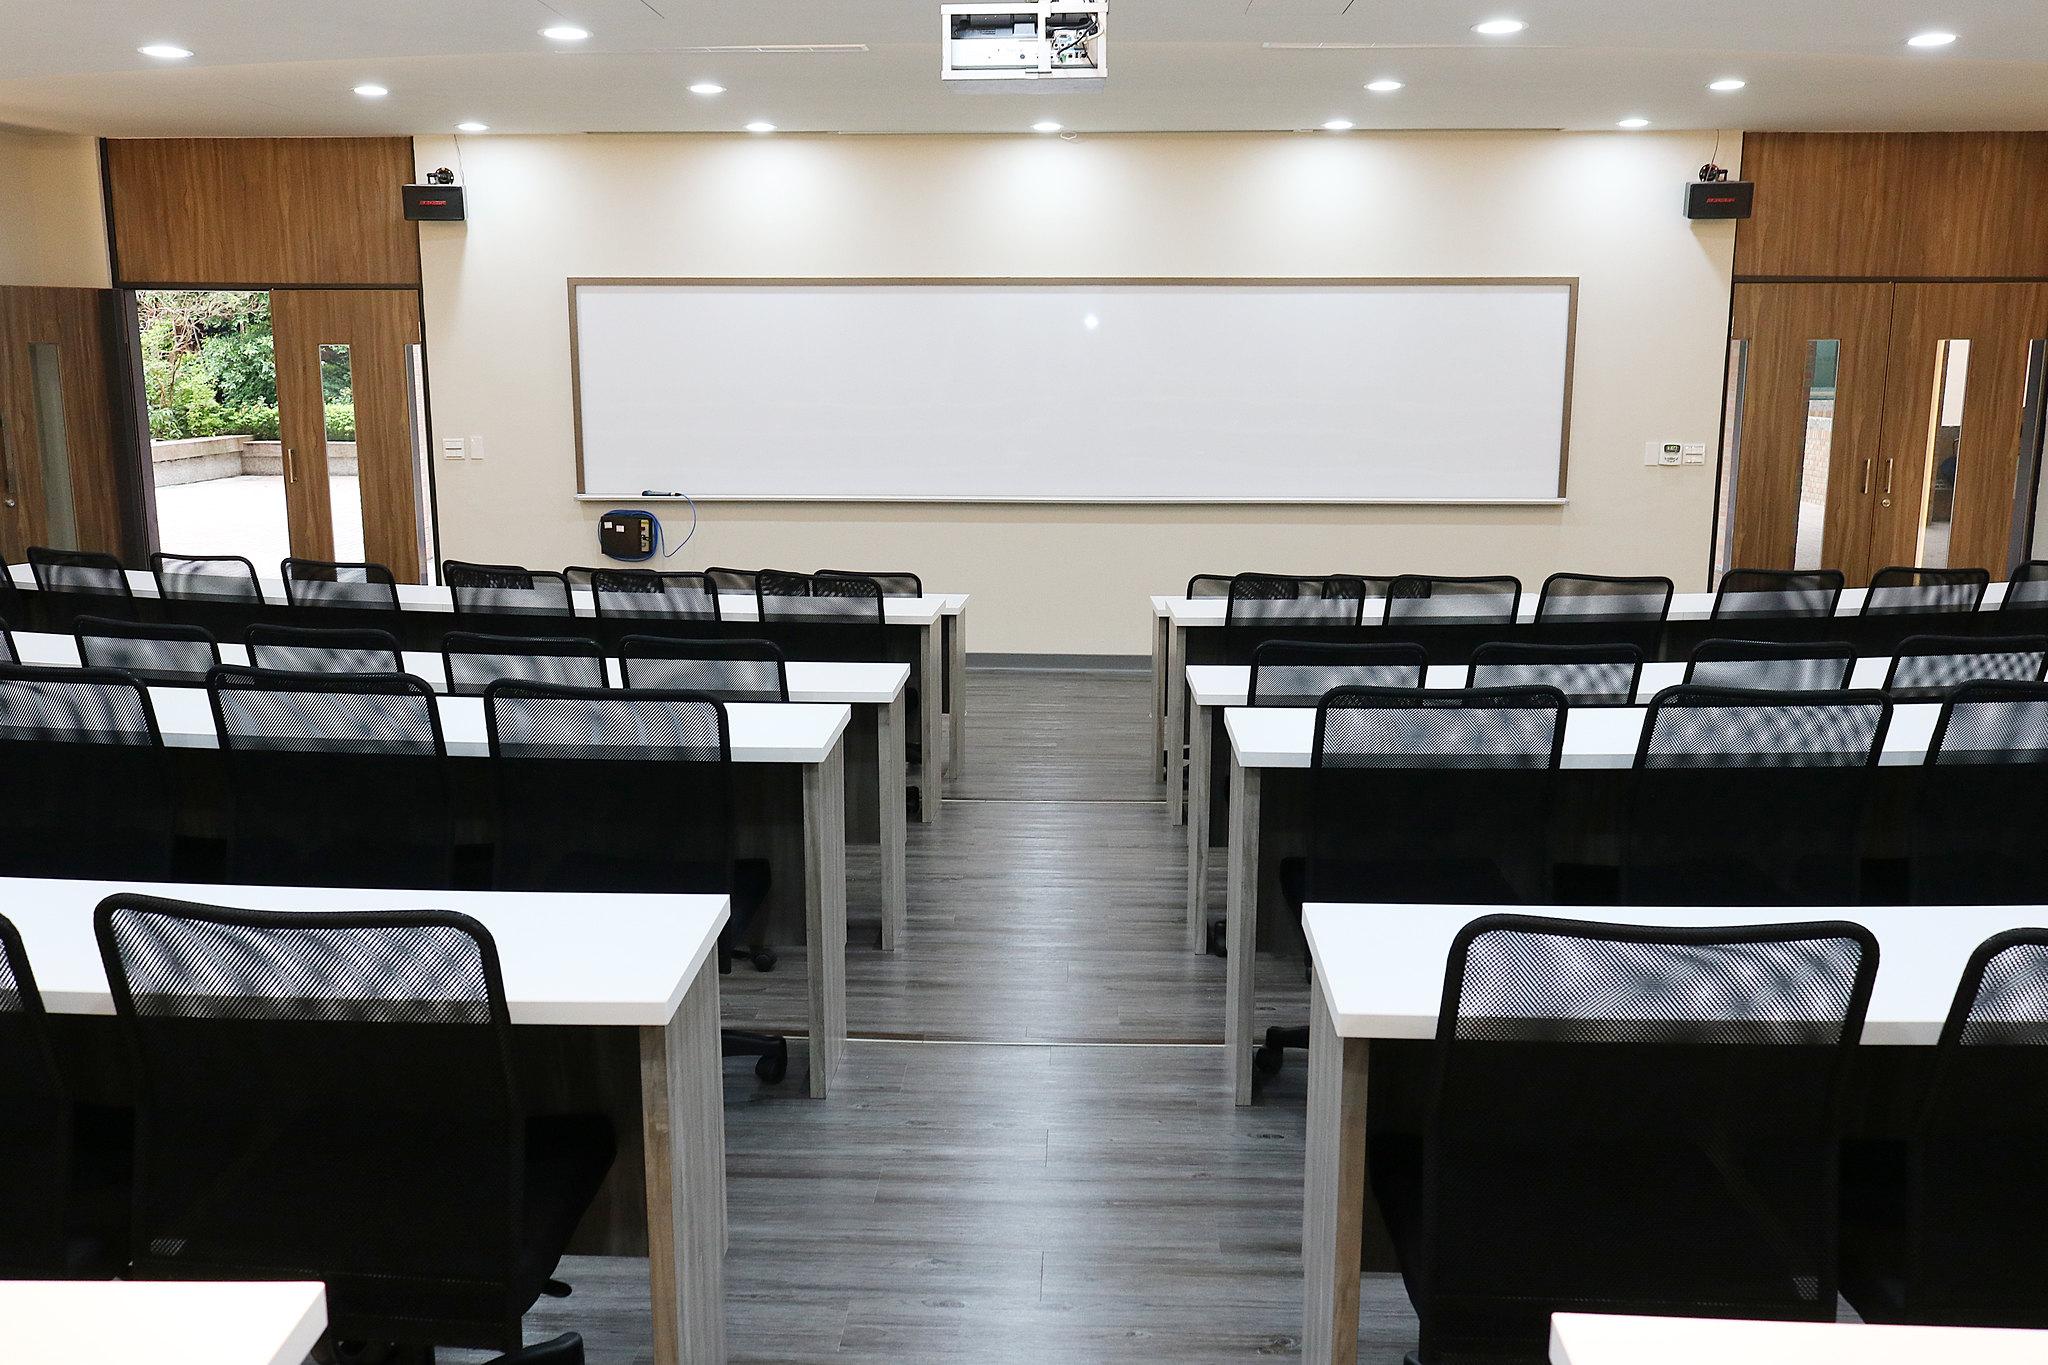 r階梯教室2